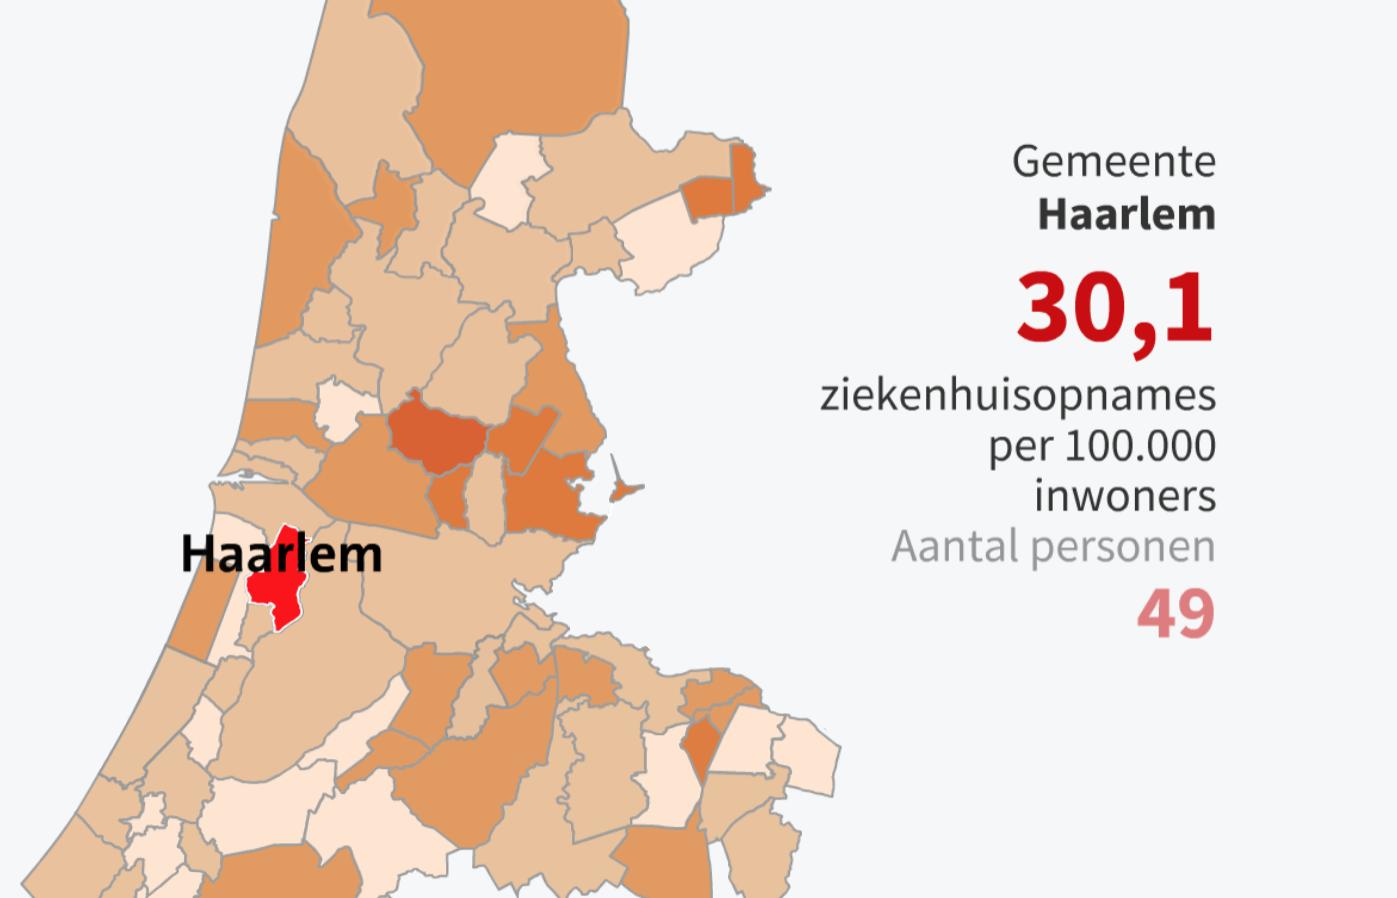 Aantal ziekenhuisopnamen corona in regio Haarlem gestegen naar 124